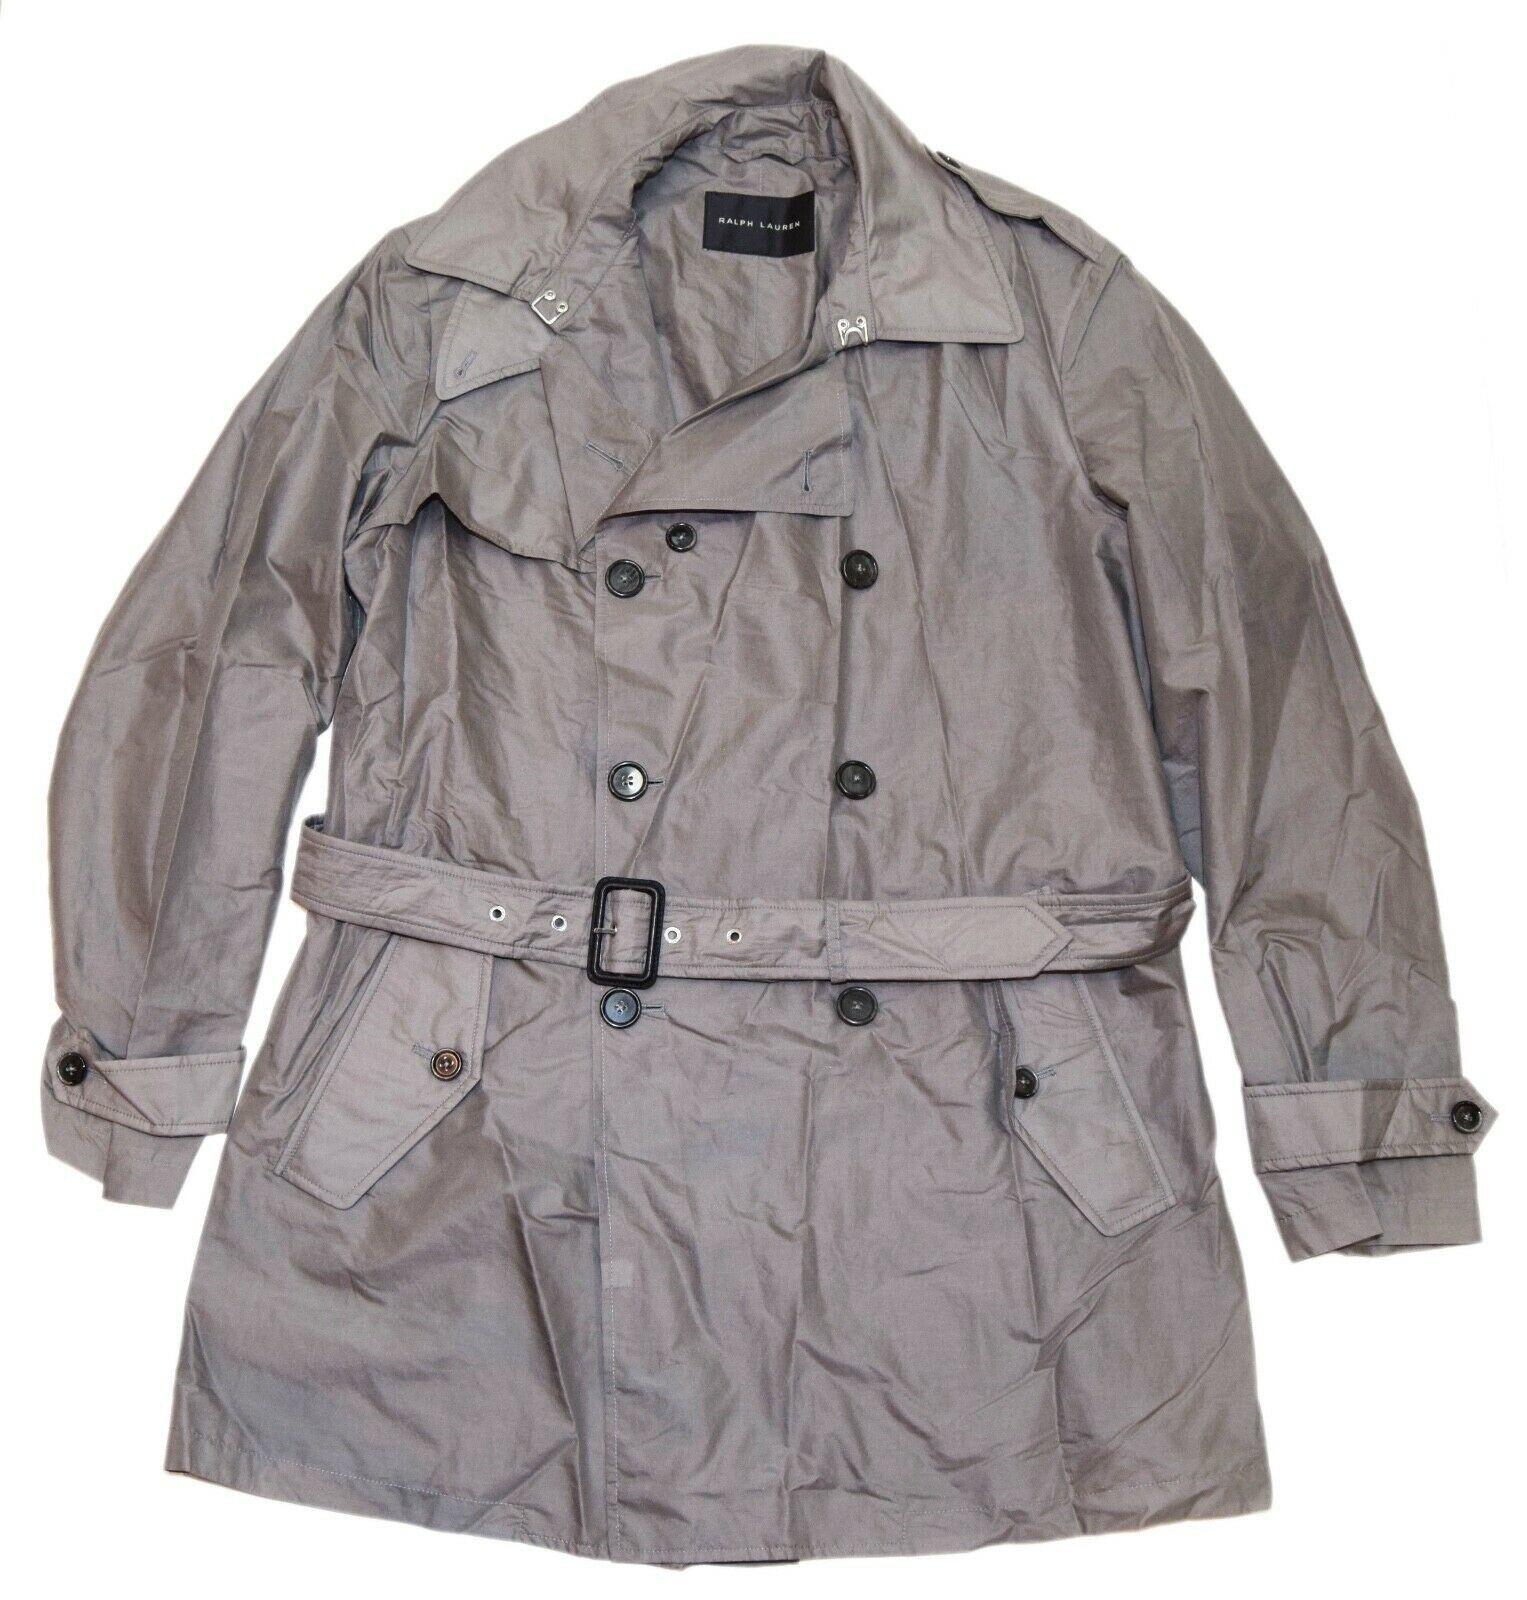 2195-polo-ralph-lauren-mens-cotton-lightweight-jacket-coat-overcoat-gray-large